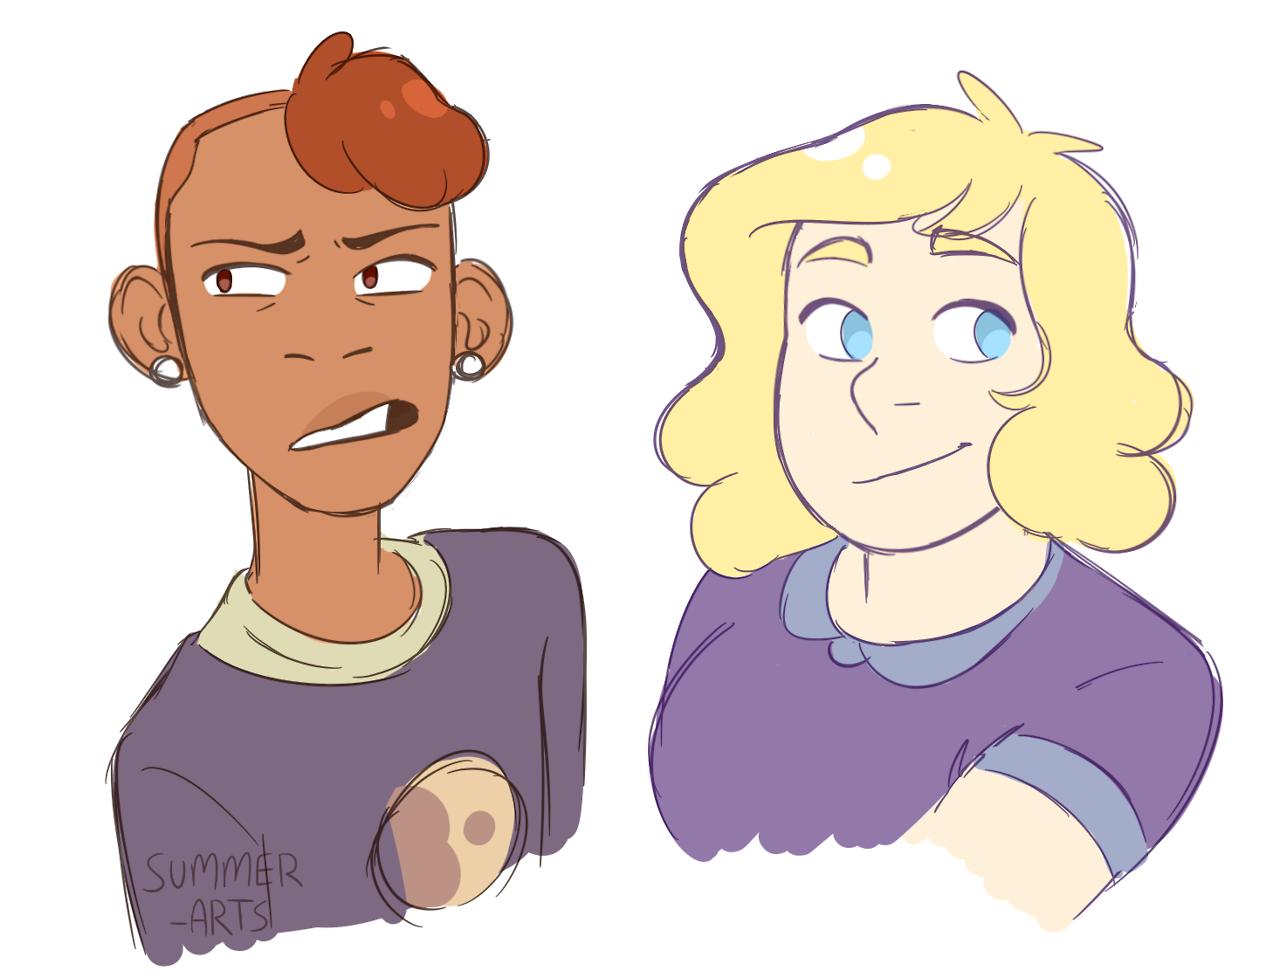 donut kids